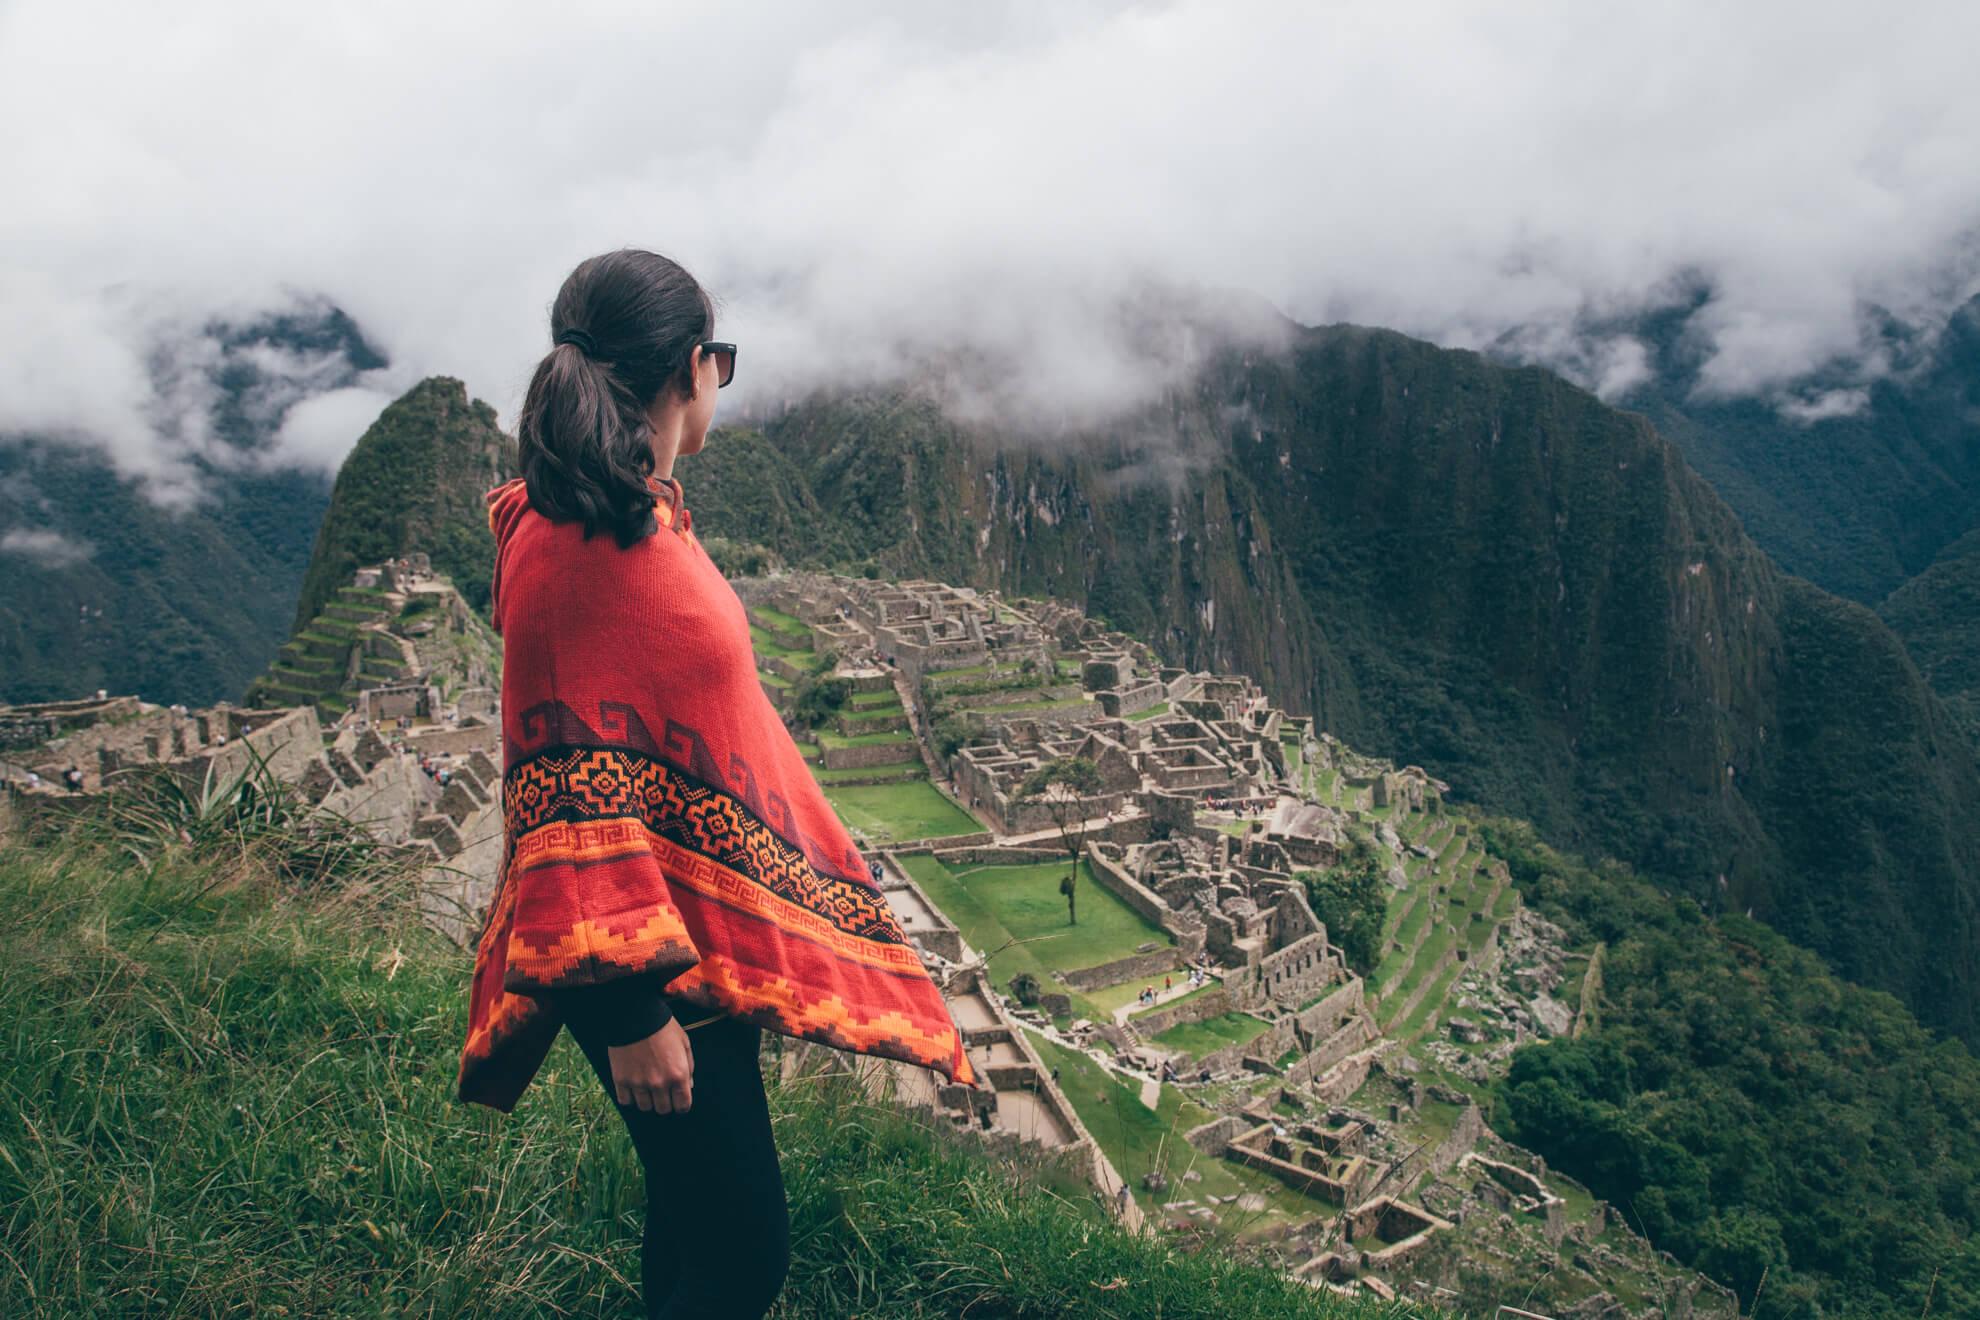 Vista clássica de Machu Picchu, a cidade perdida dos incas   7 dicas para conhecer Machu Picchu